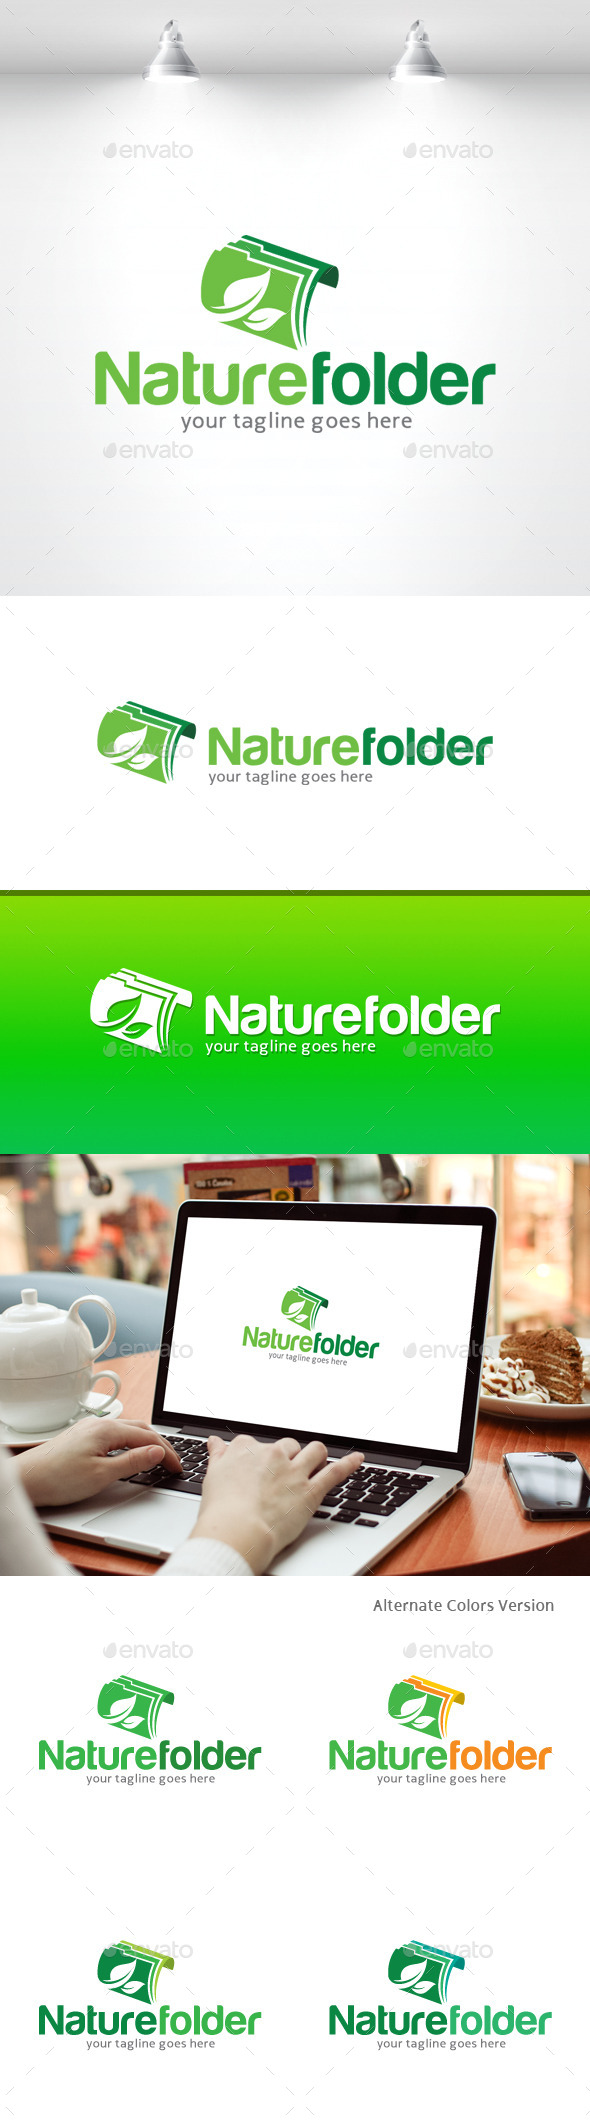 GraphicRiver Nature Folder Logo 11370208